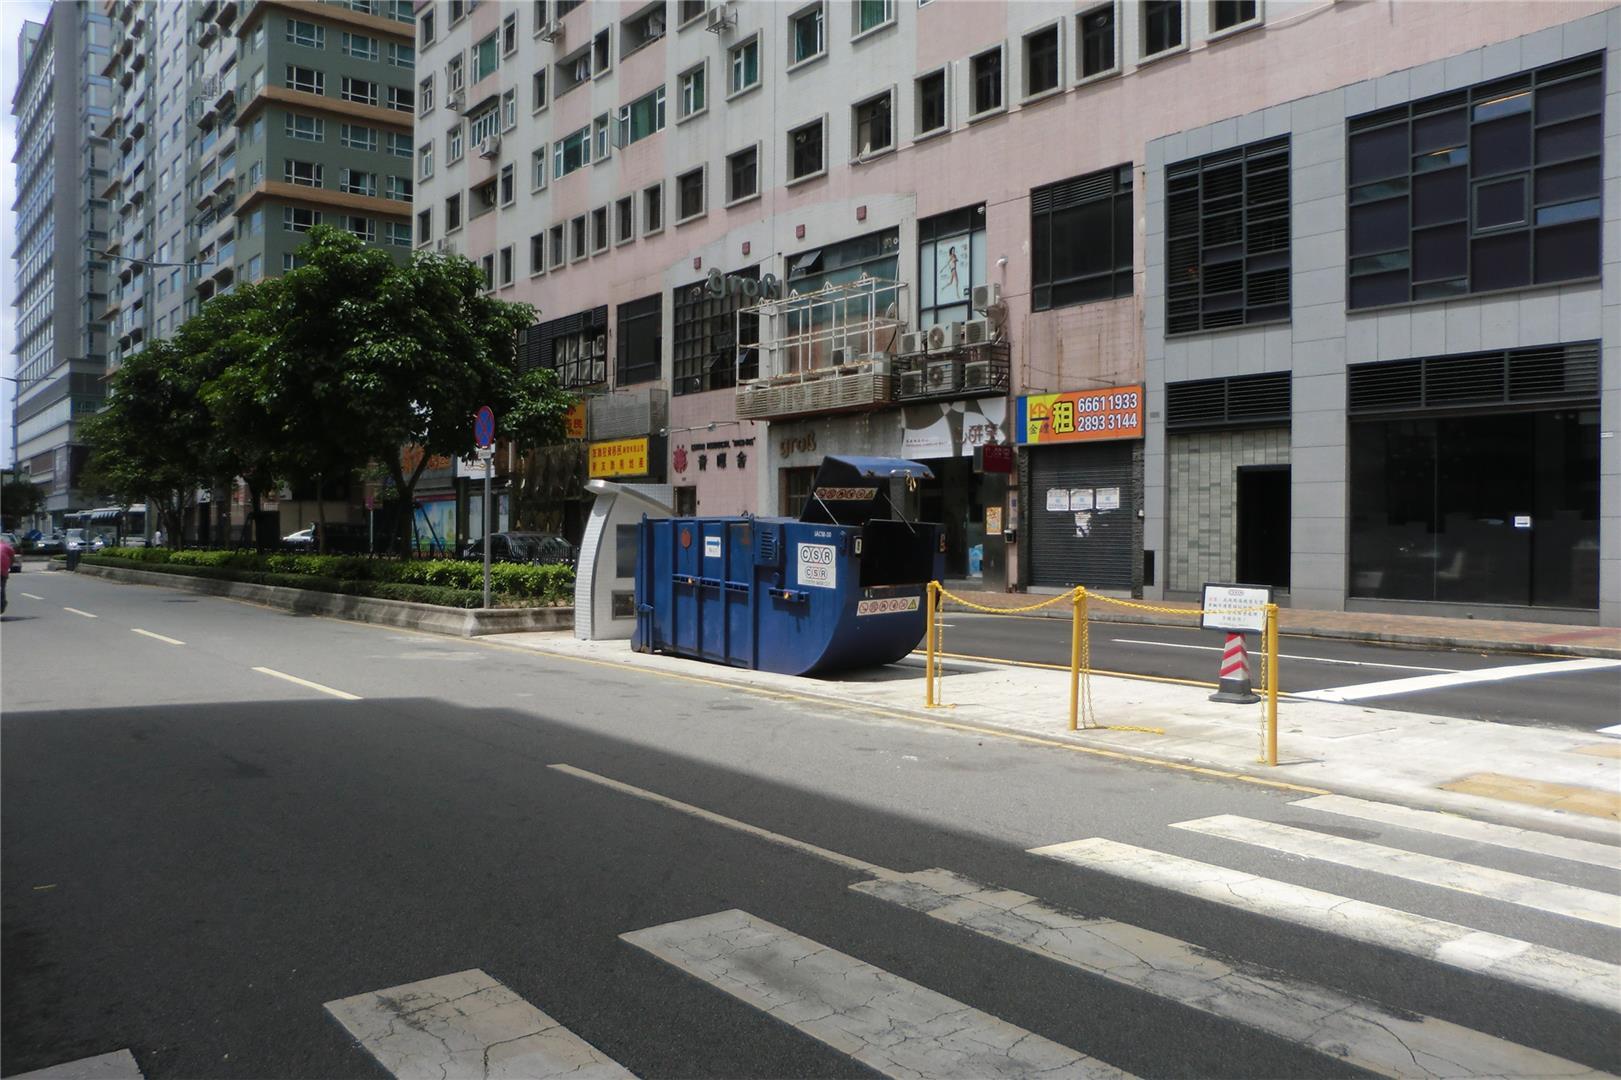 M56 Compacting trash bin at Avenida do Governador Jaime Silvério Marques  No. 203